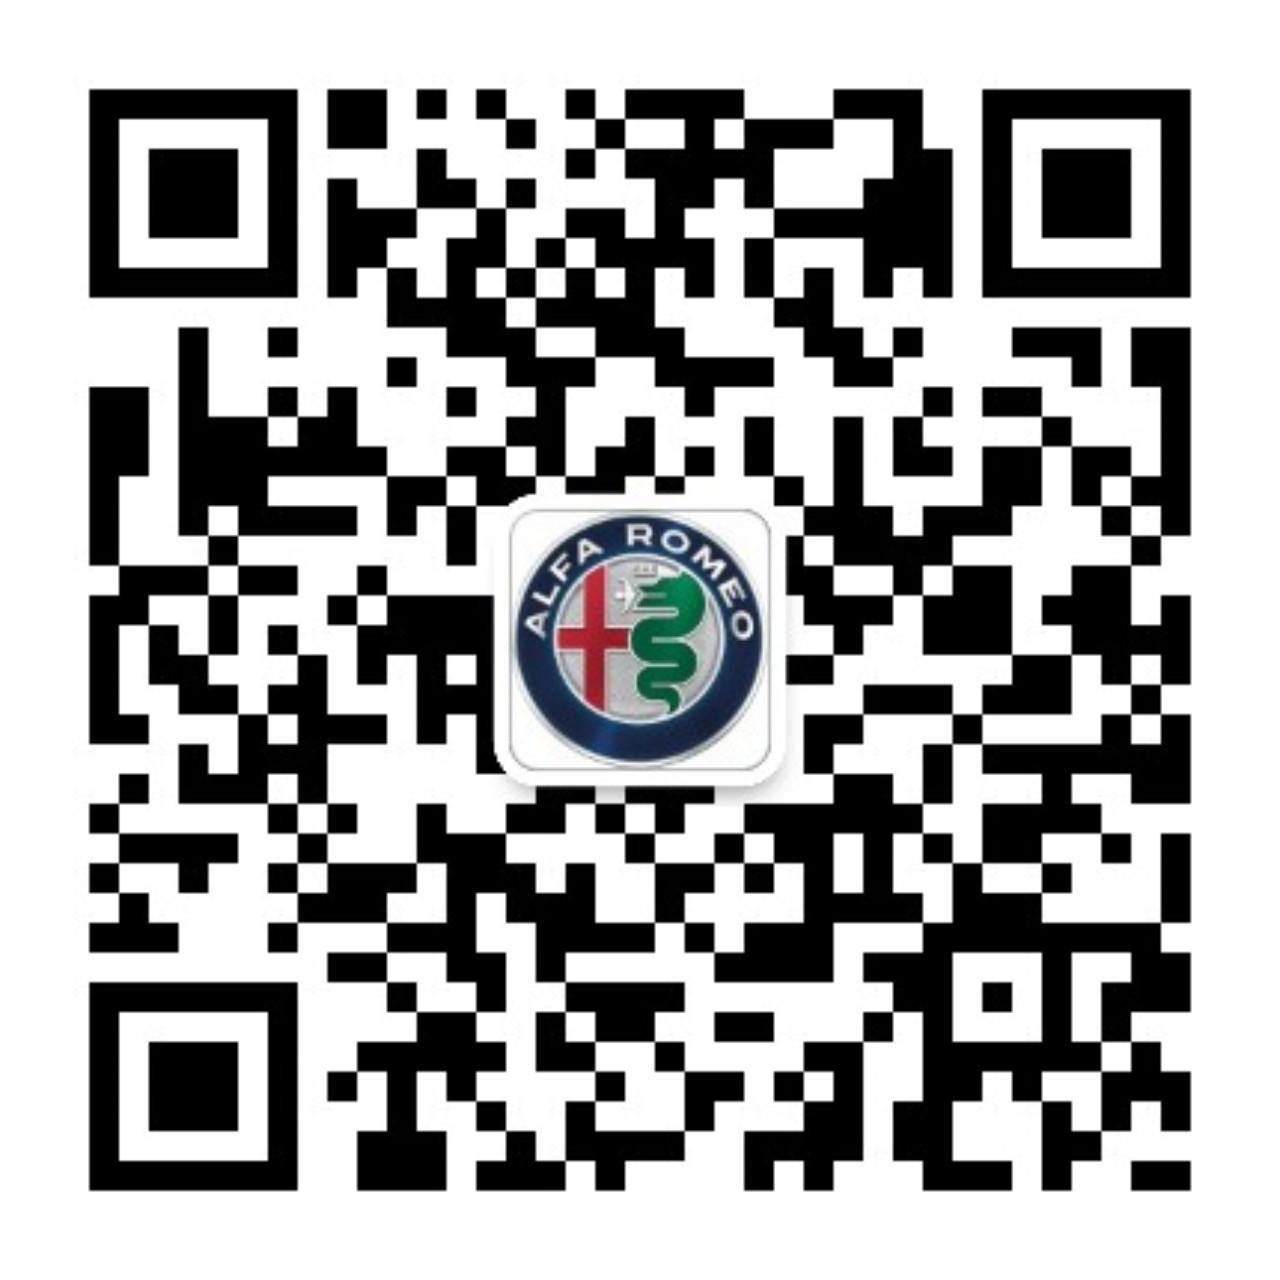 阿尔法•罗密欧Stelvio四叶草 2018北京国际车展荣耀上市